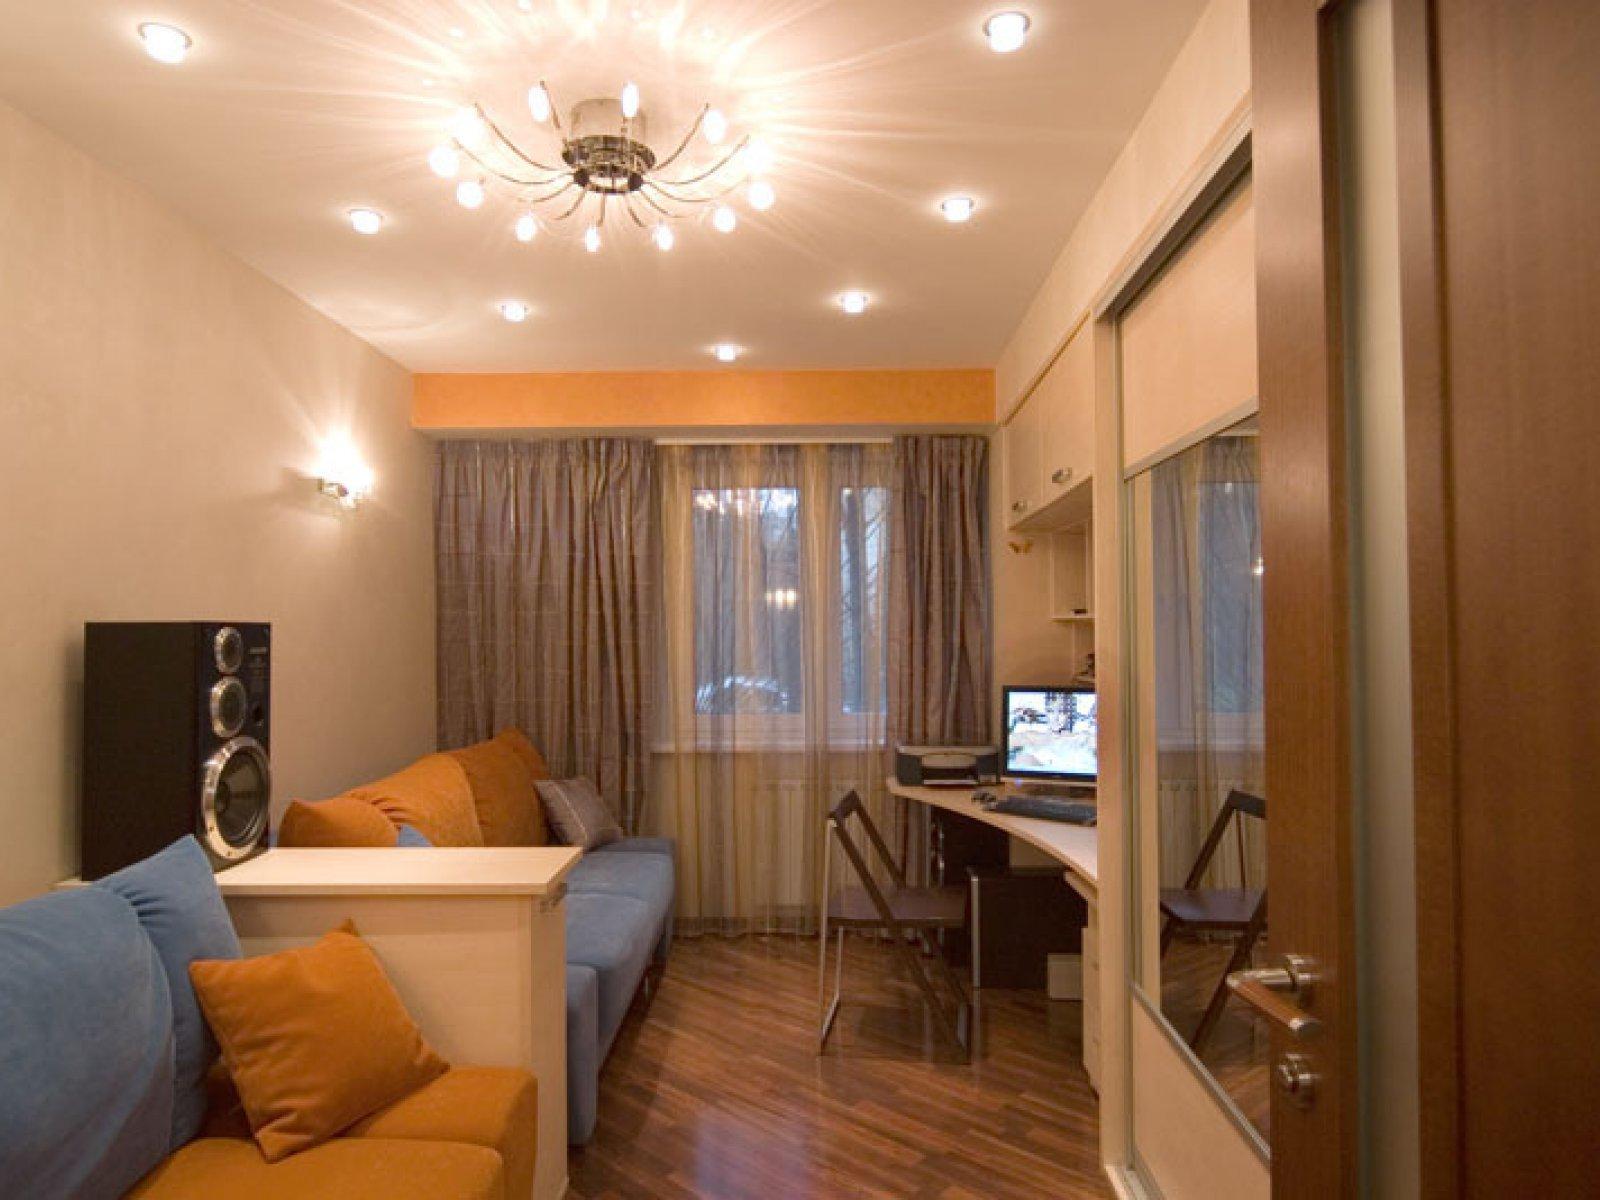 Дешевый дизайн в квартире своими руками фото